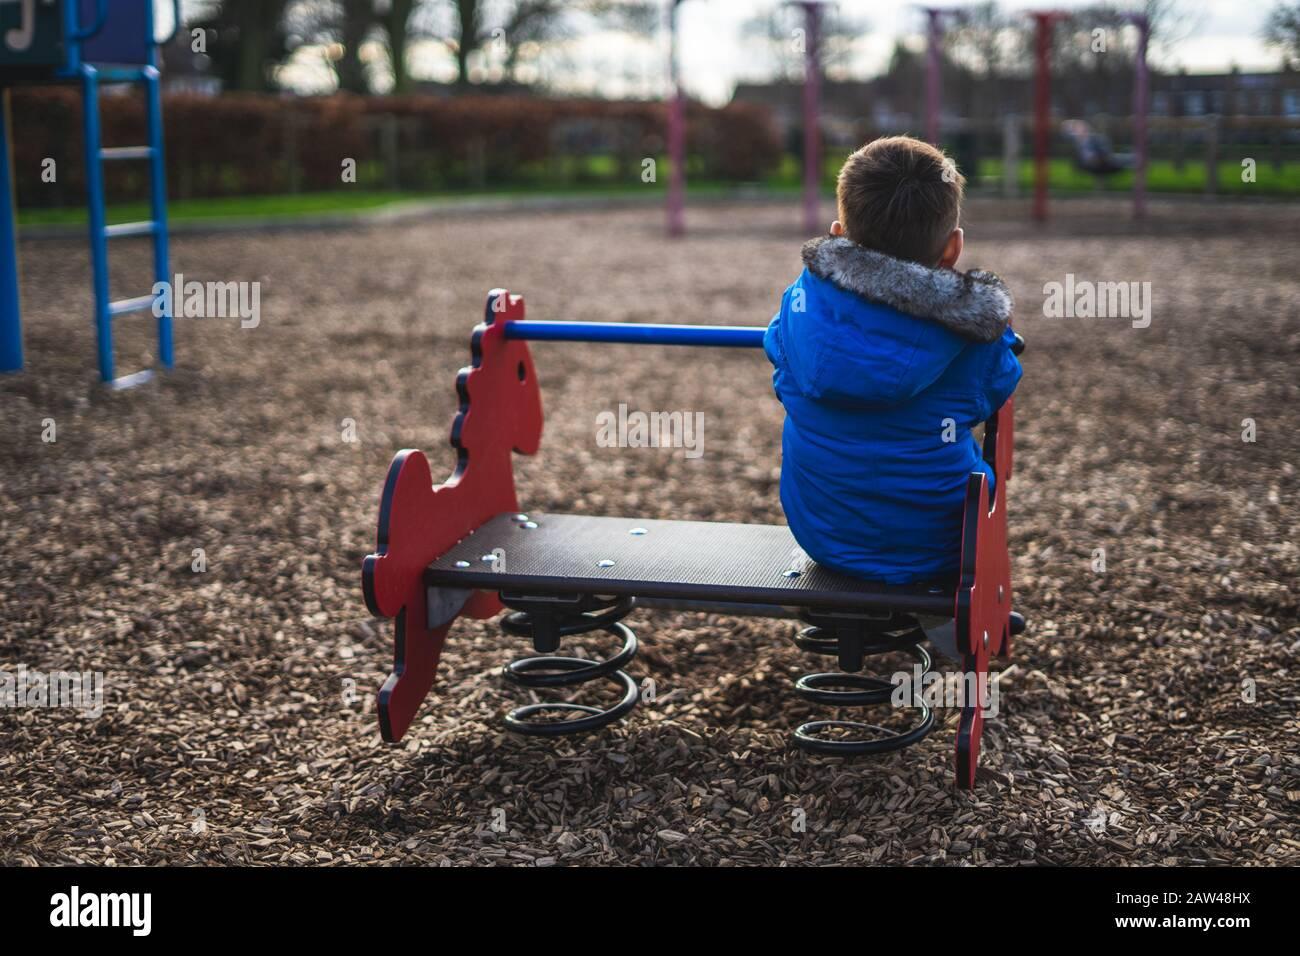 le dos d'un petit garçon jouant seul dans un stationnement Banque D'Images